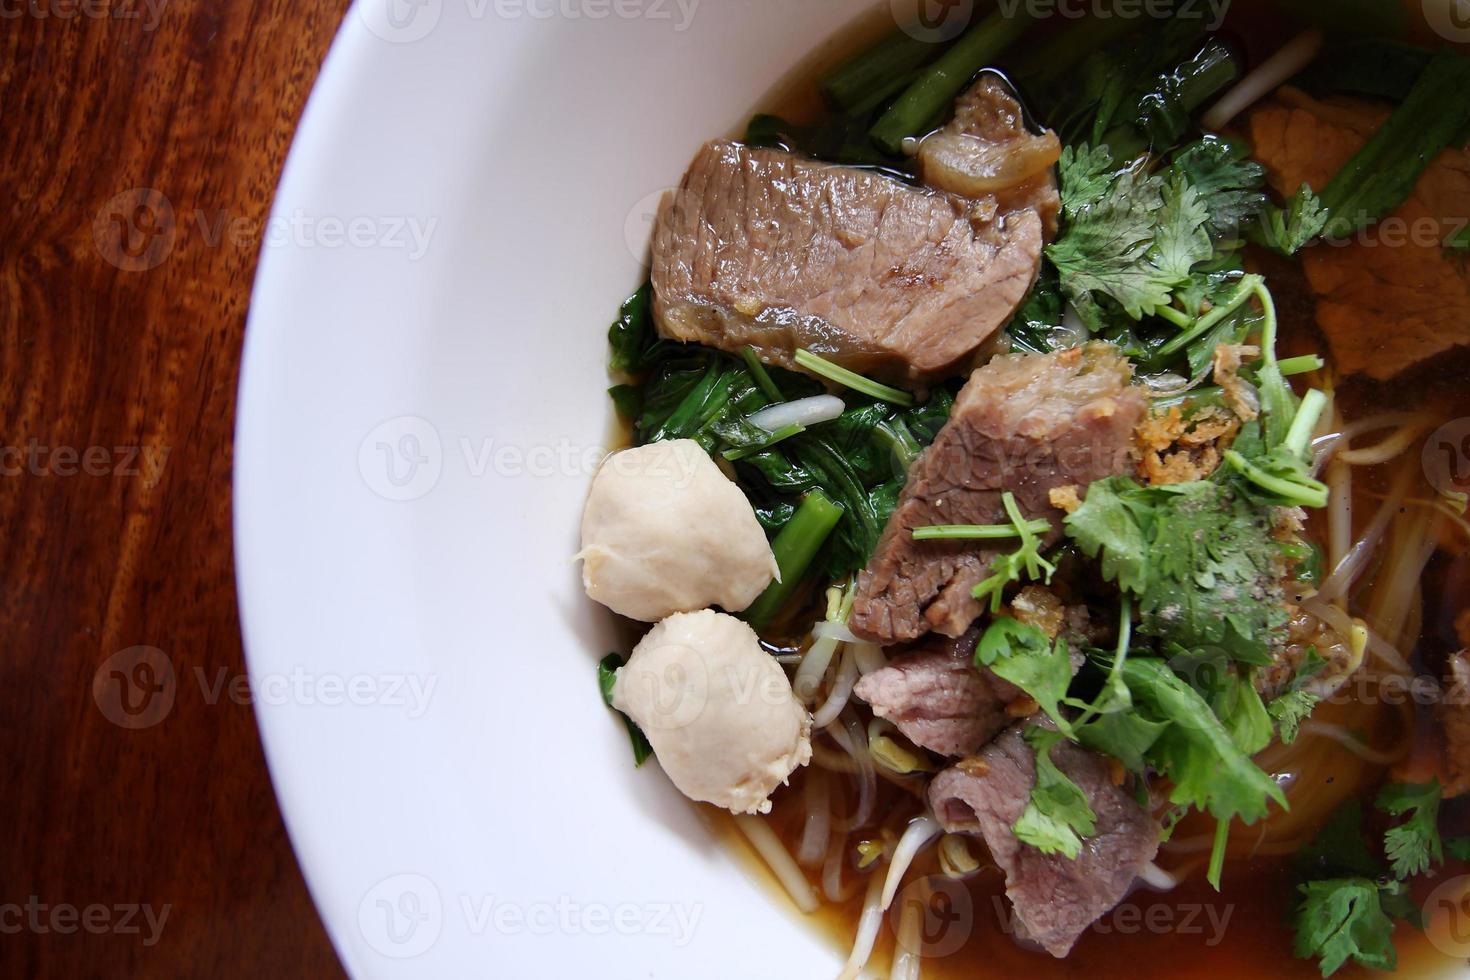 recette de nouilles de riz asiatique. photo